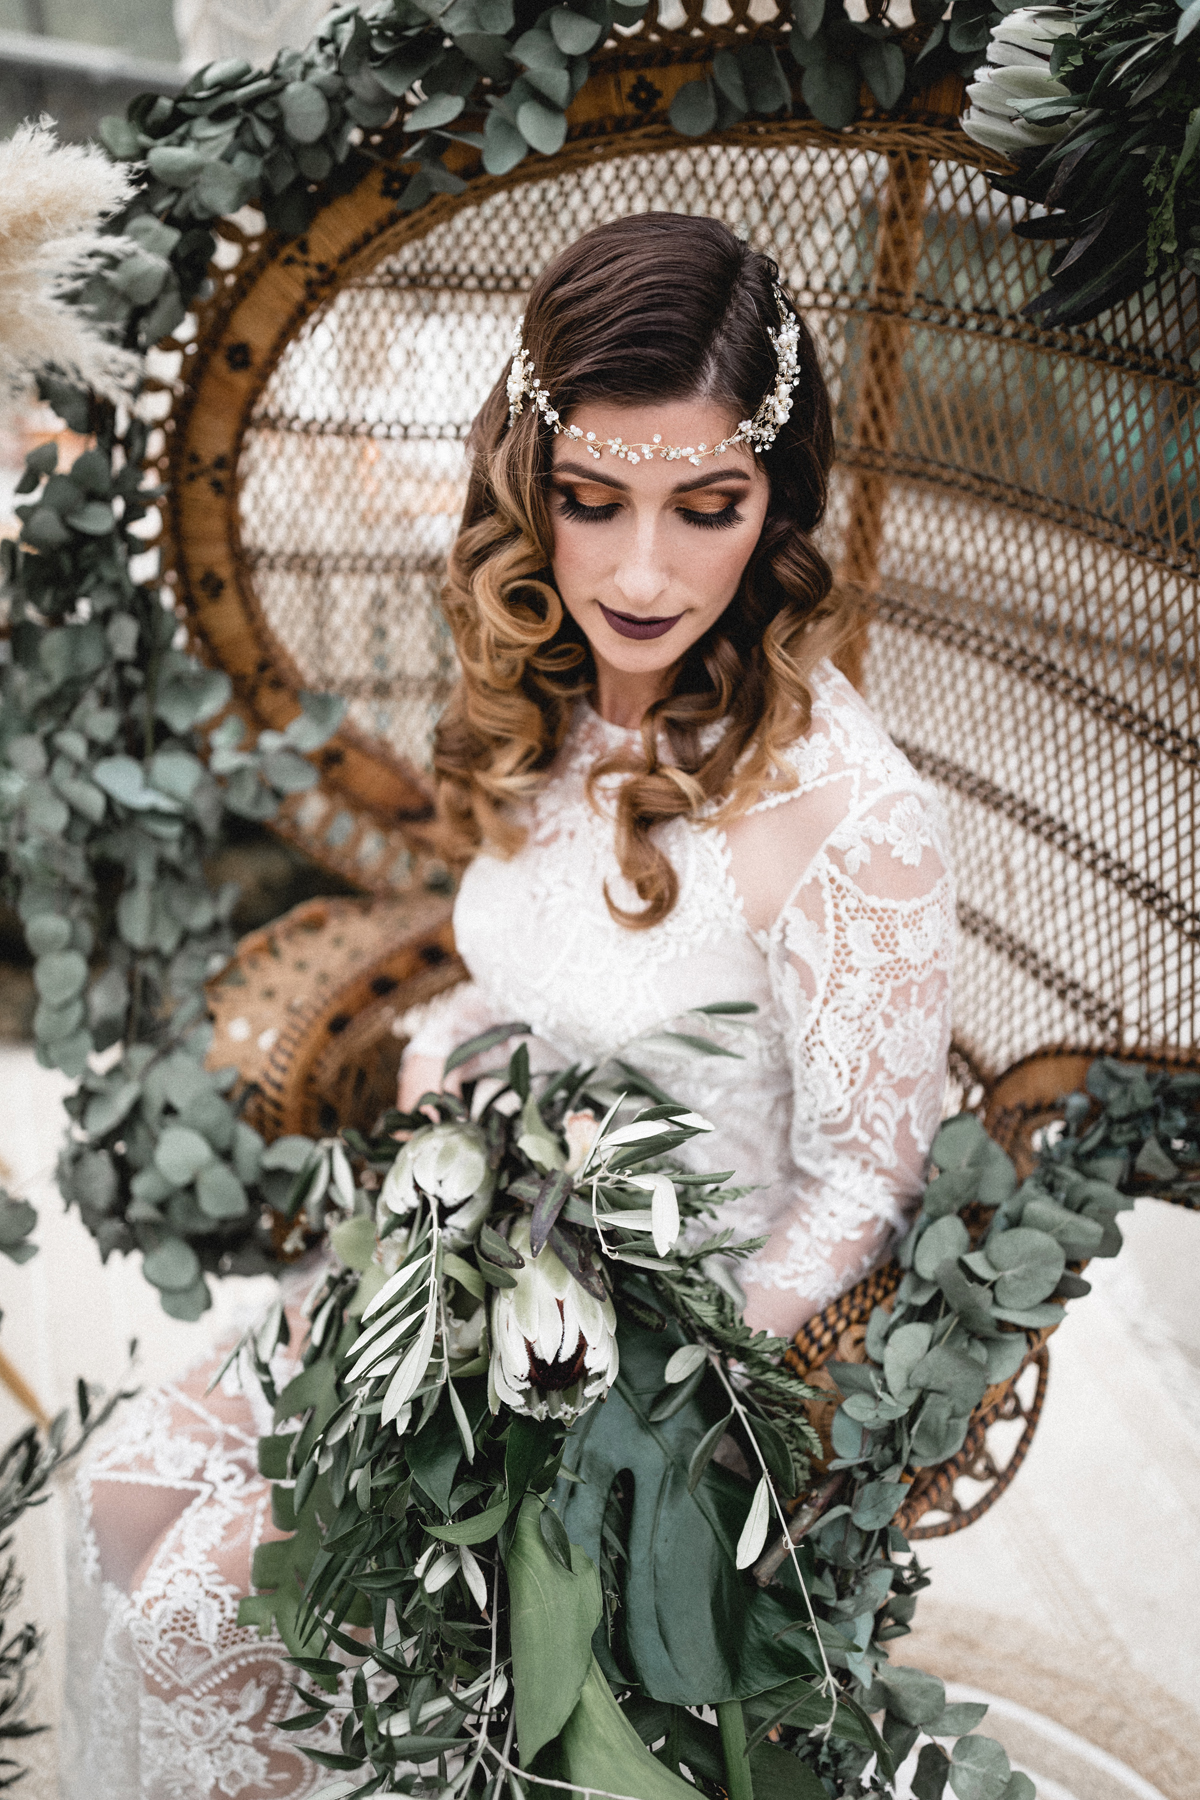 Andreas_Nusch_Hochzeitsfotografie_Brautshooting_2017_JA-Hochzeitsshop_0110